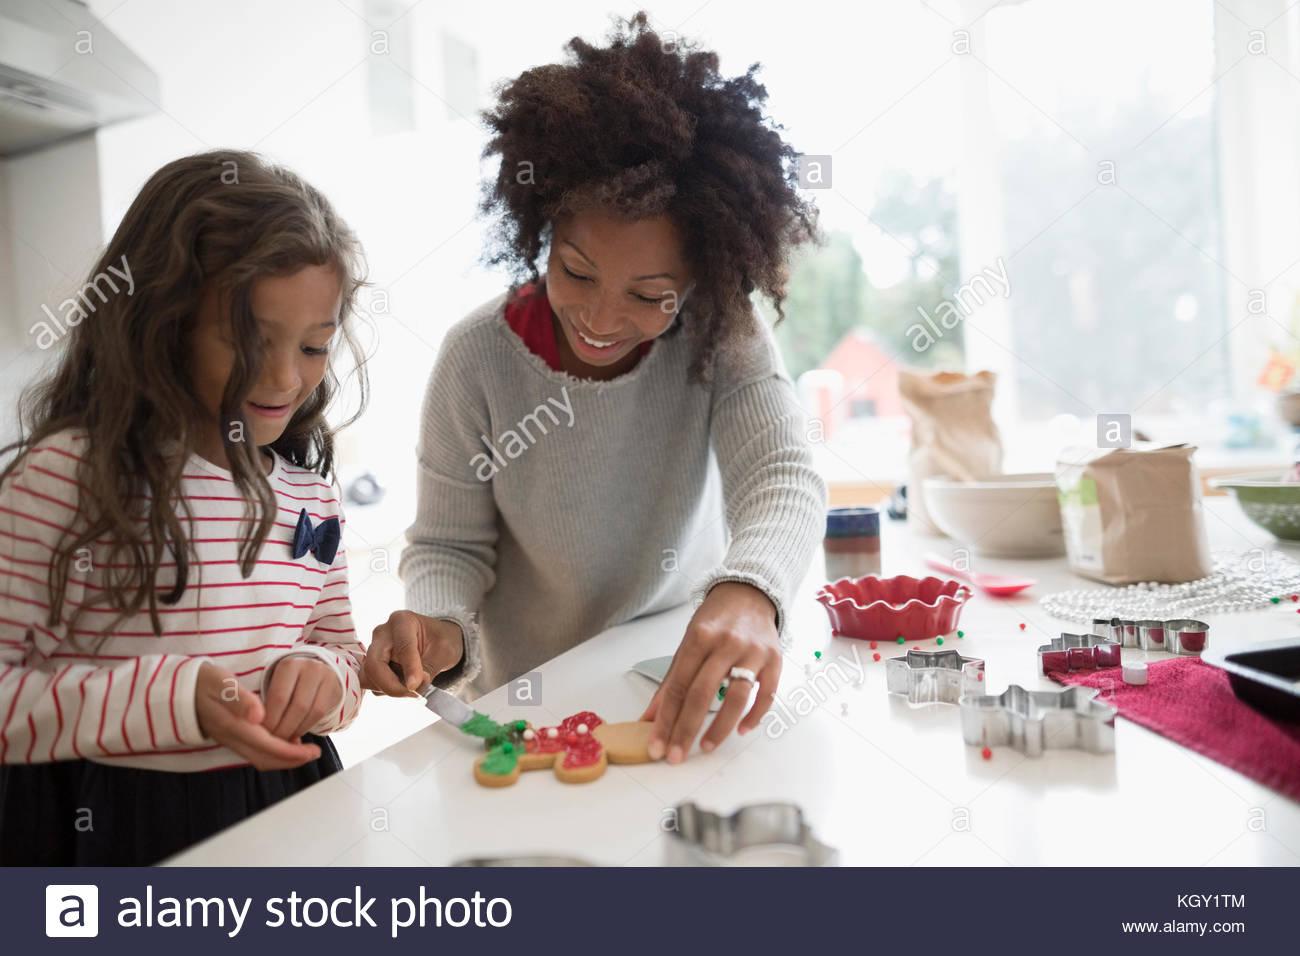 Madre e hija decorar galletas de jengibre de navidad en la cocina Imagen De Stock